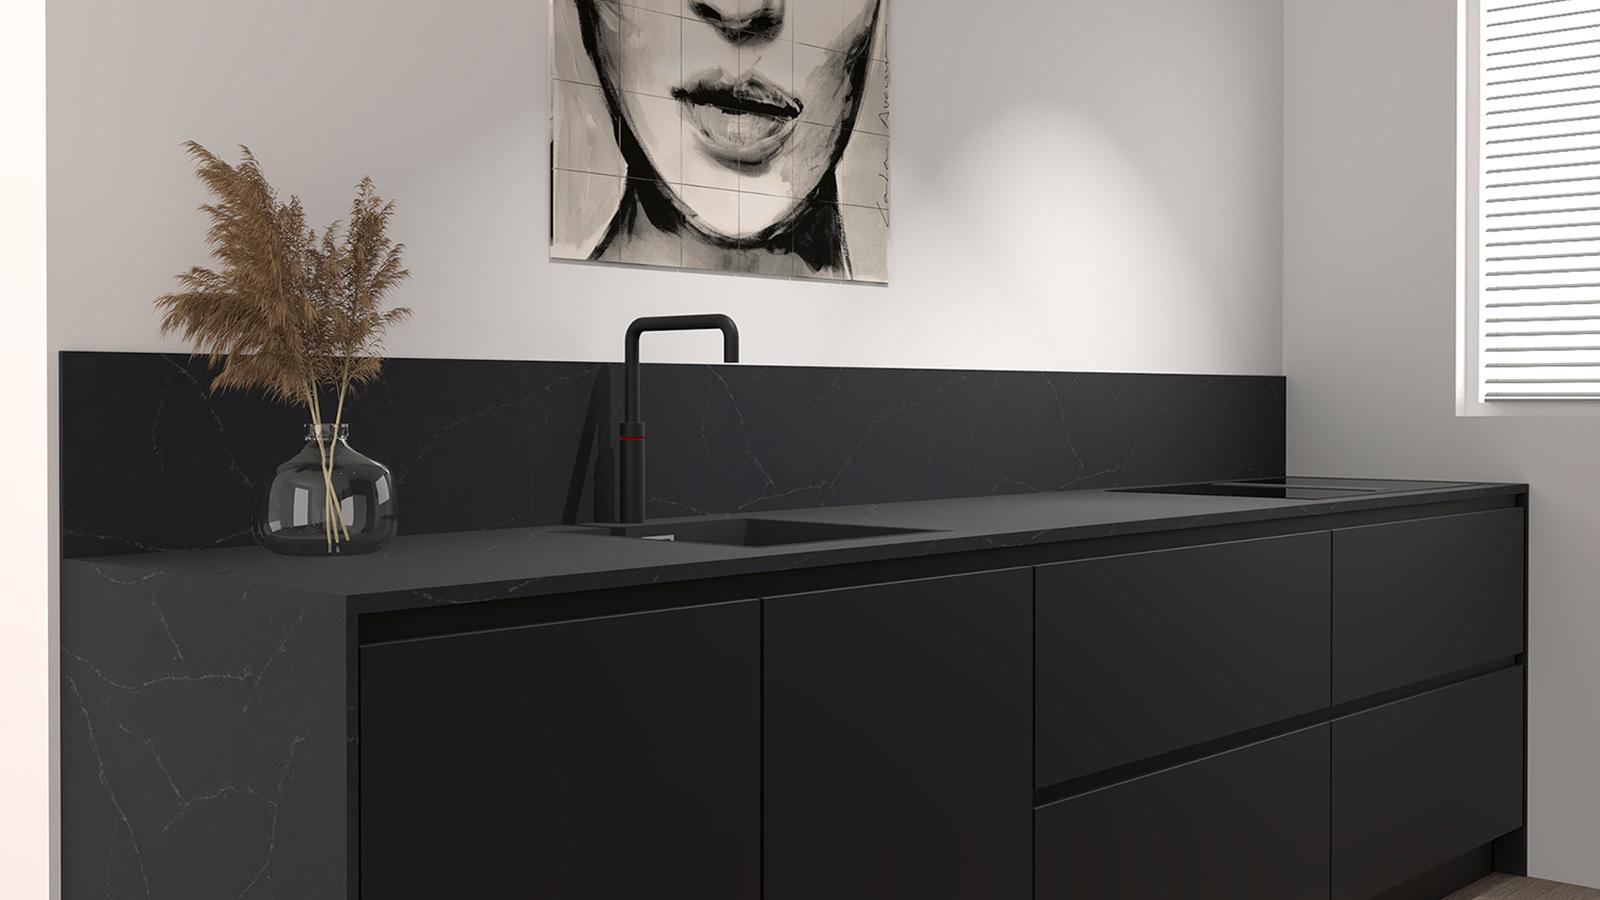 mat-zwarte-keuken-recht-header-3